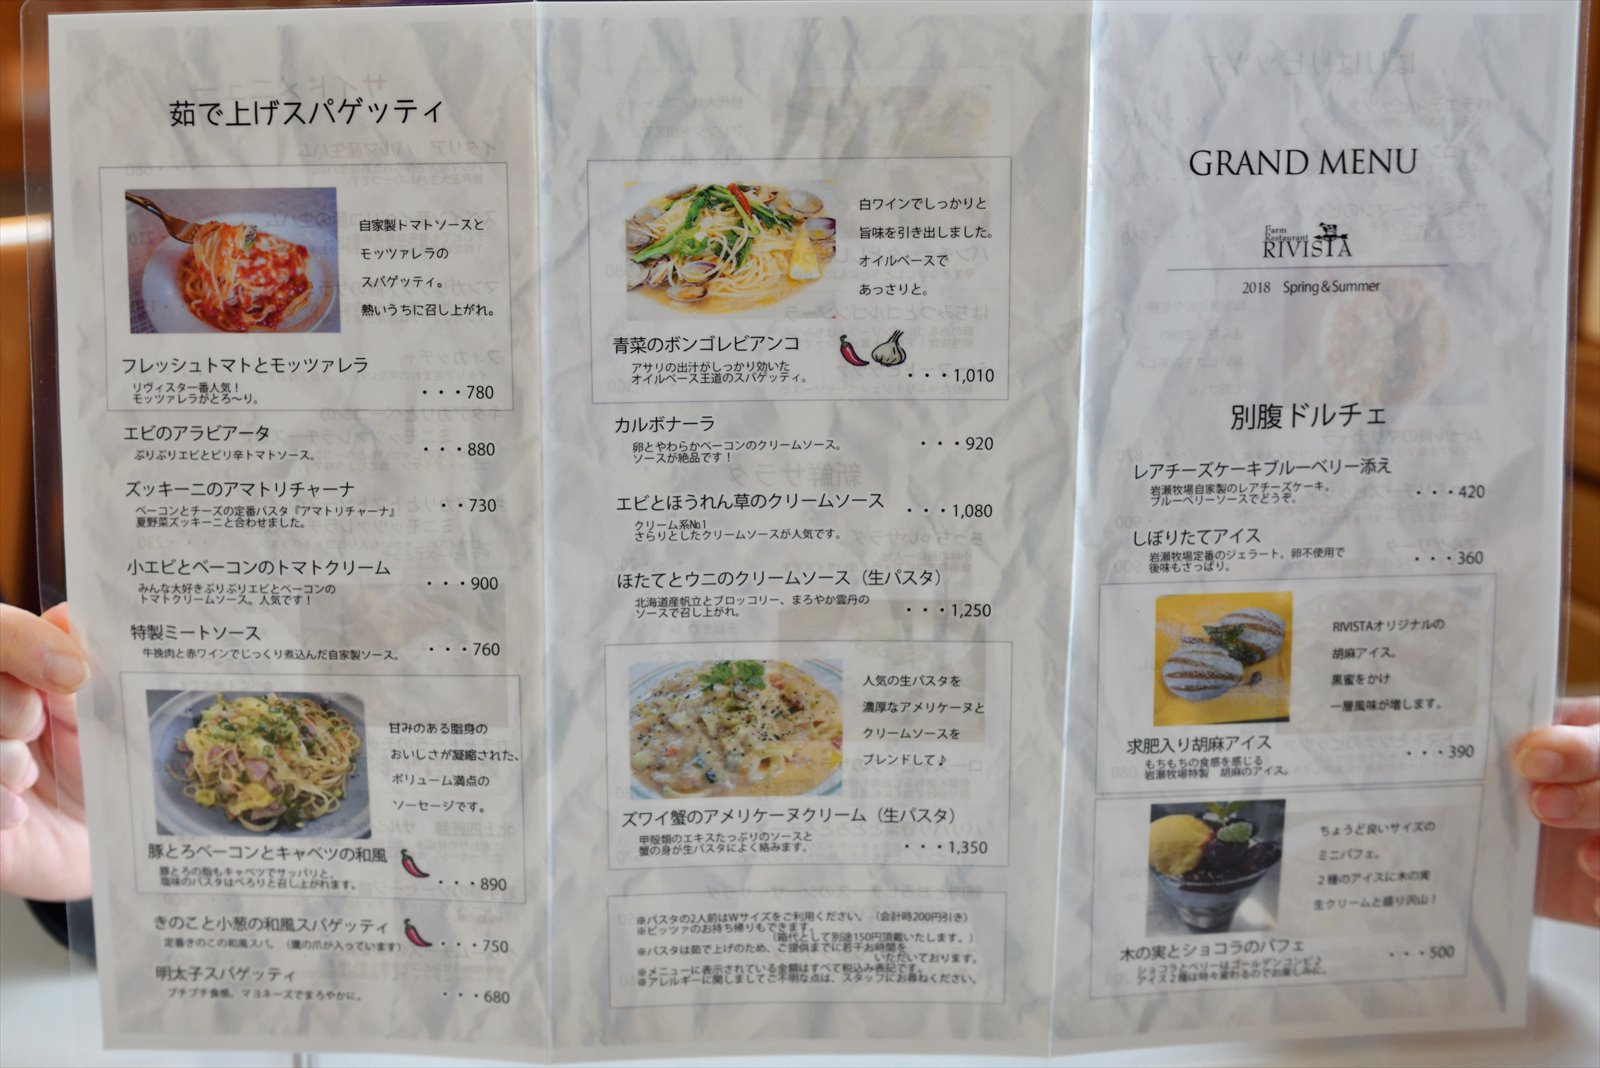 【砂川】ファームレストラン リヴィスタ_a0145819_1634272.jpg